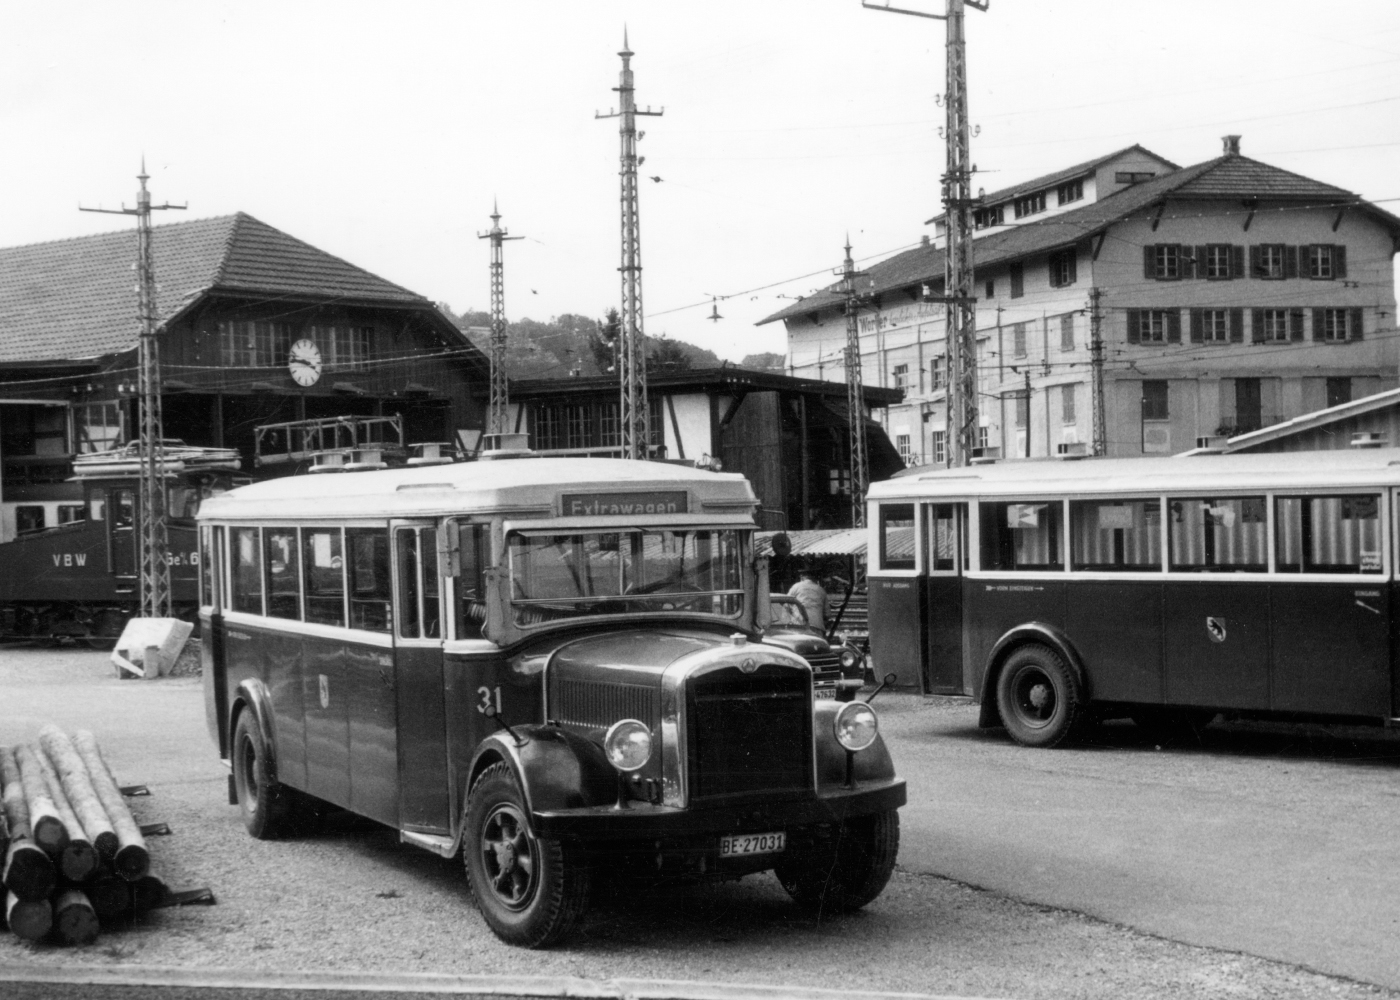 Extrawagen in Worb